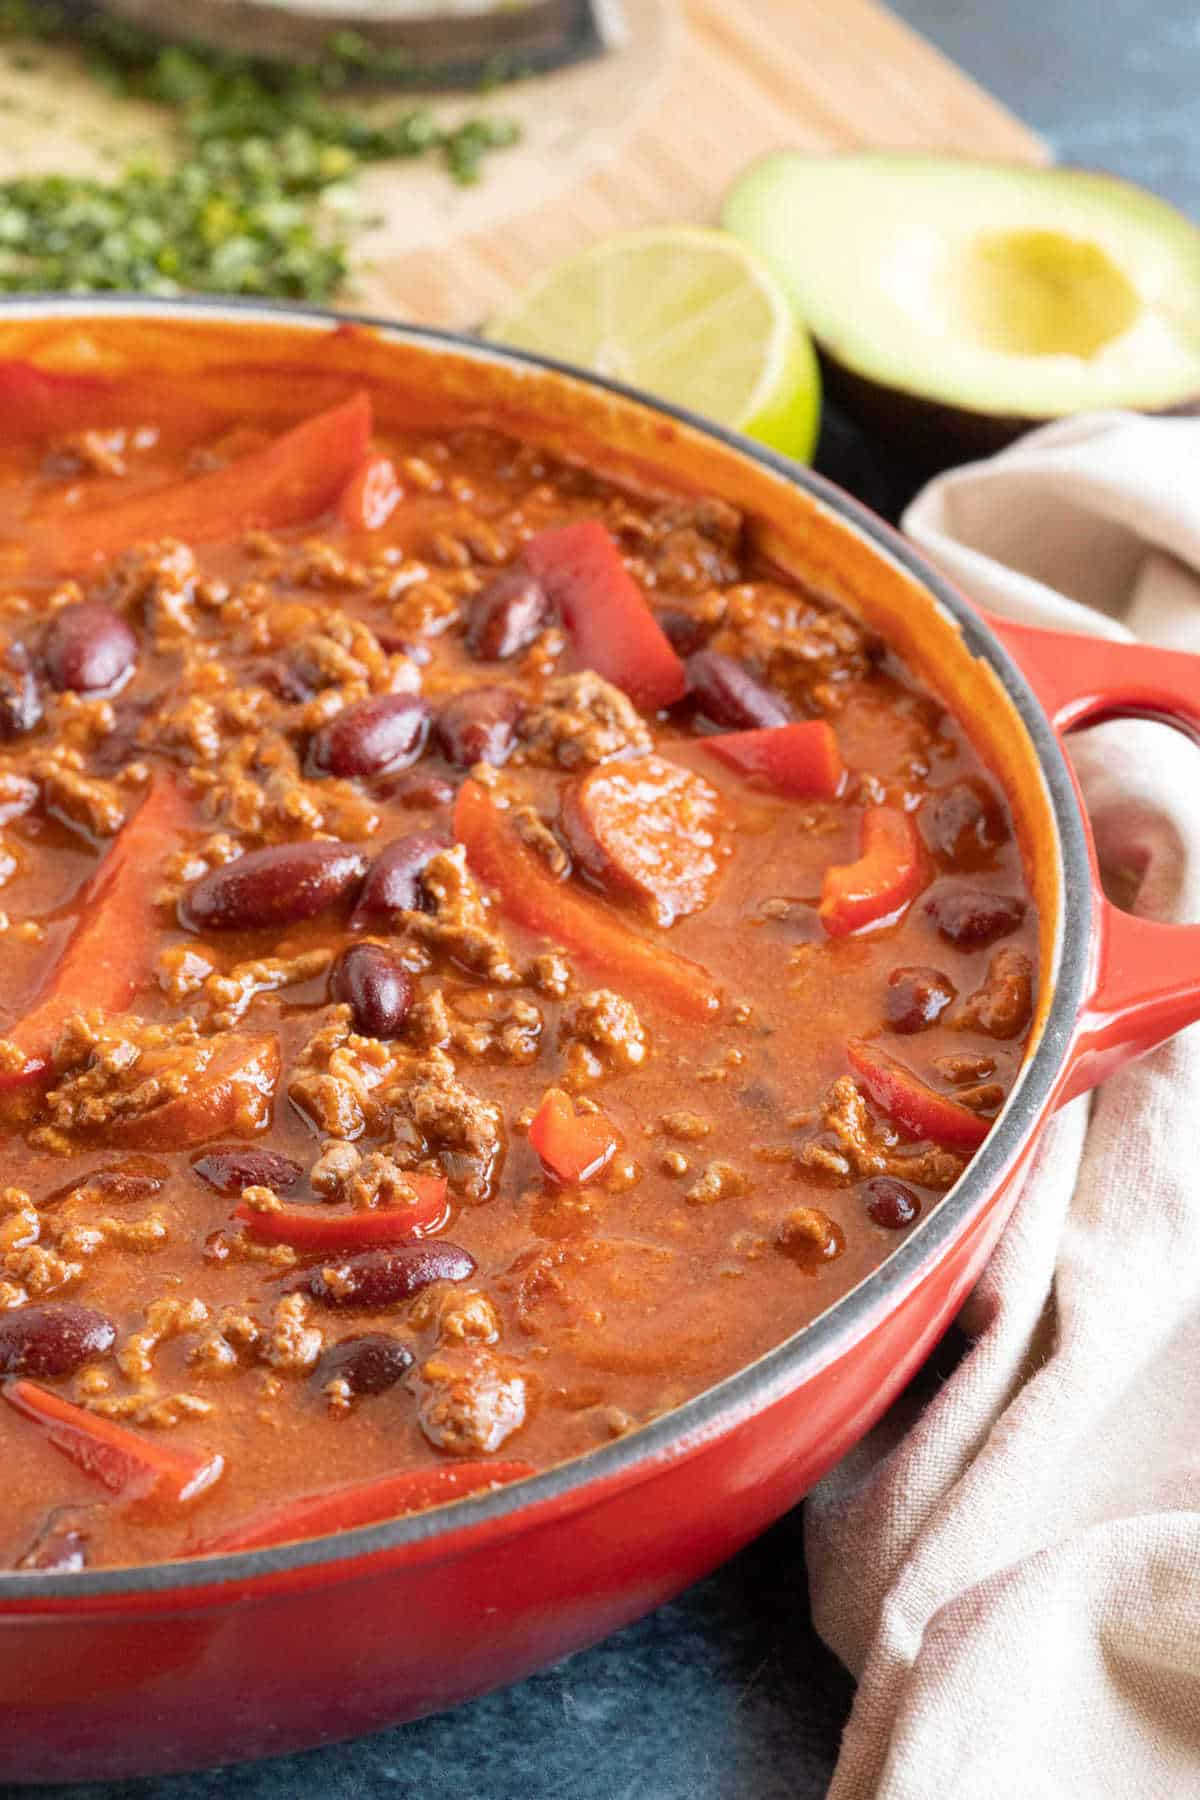 Close-up photo of the mild chilli con carne.